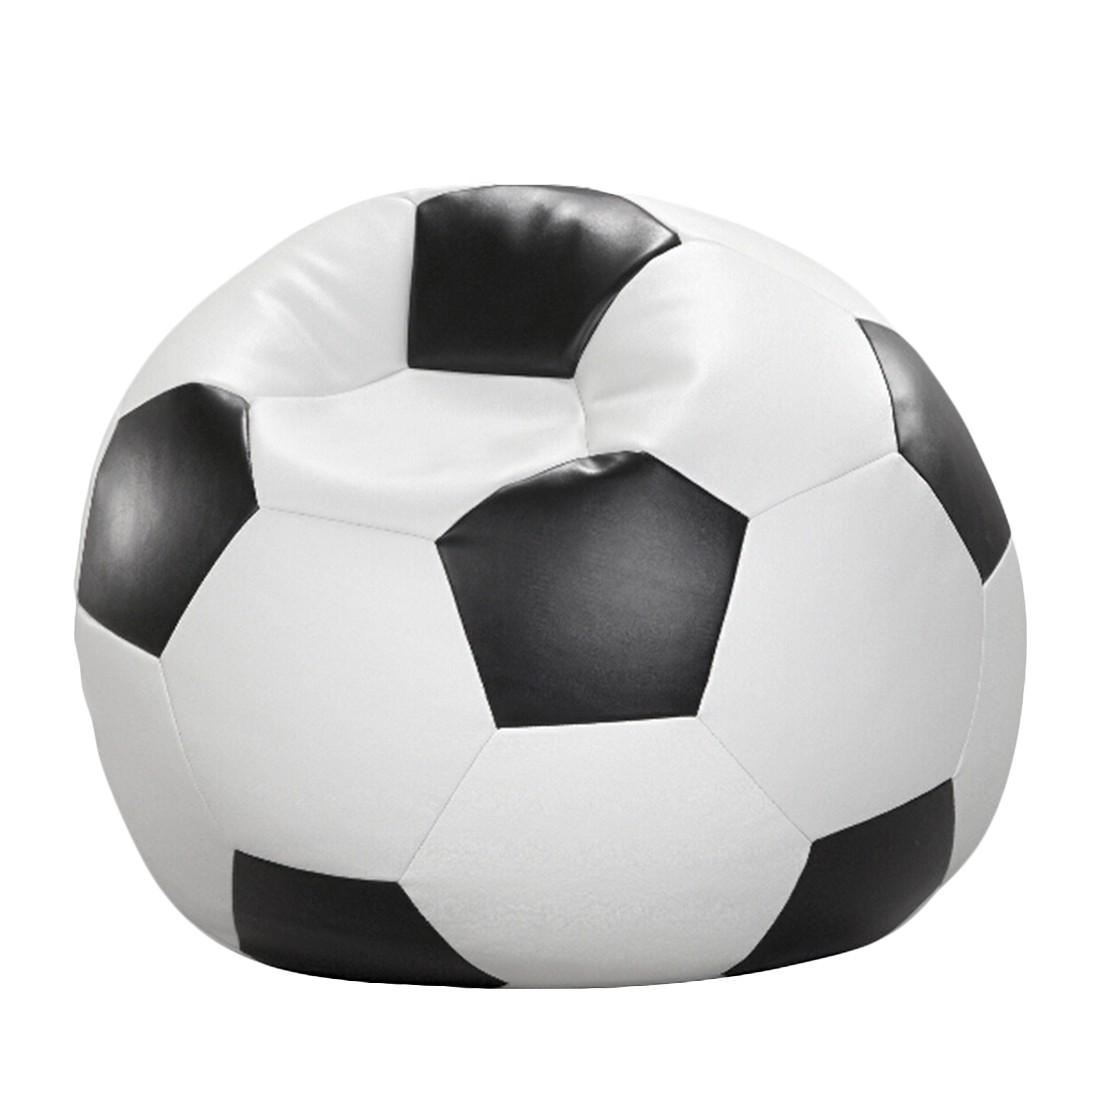 Fussball-Sitzsack – Weiß/Schwarz – 80 x 80 cm, KC-Handel online kaufen